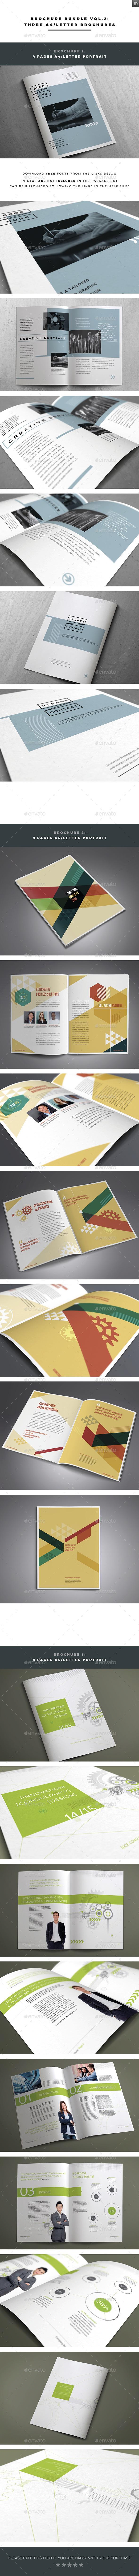 Brochure Bundle Vol.2 - Brochures Print Templates